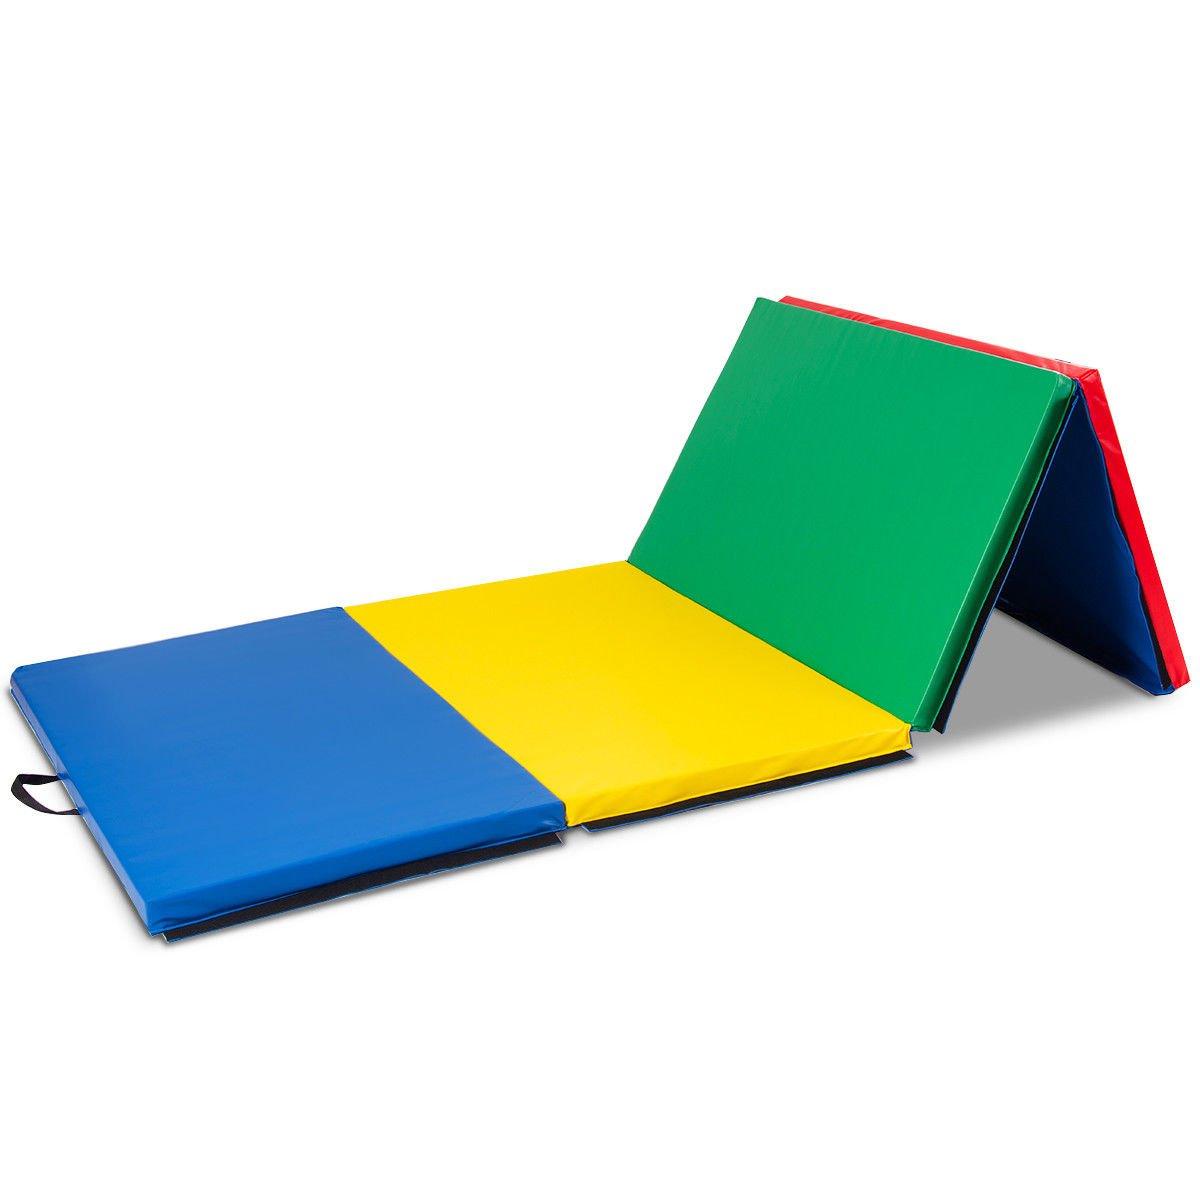 エクササイズマット 4フィートx10フィートx2 体操 折りたたみパネル 厚手 ジム フィットネス マルチカラー 電子書籍付き